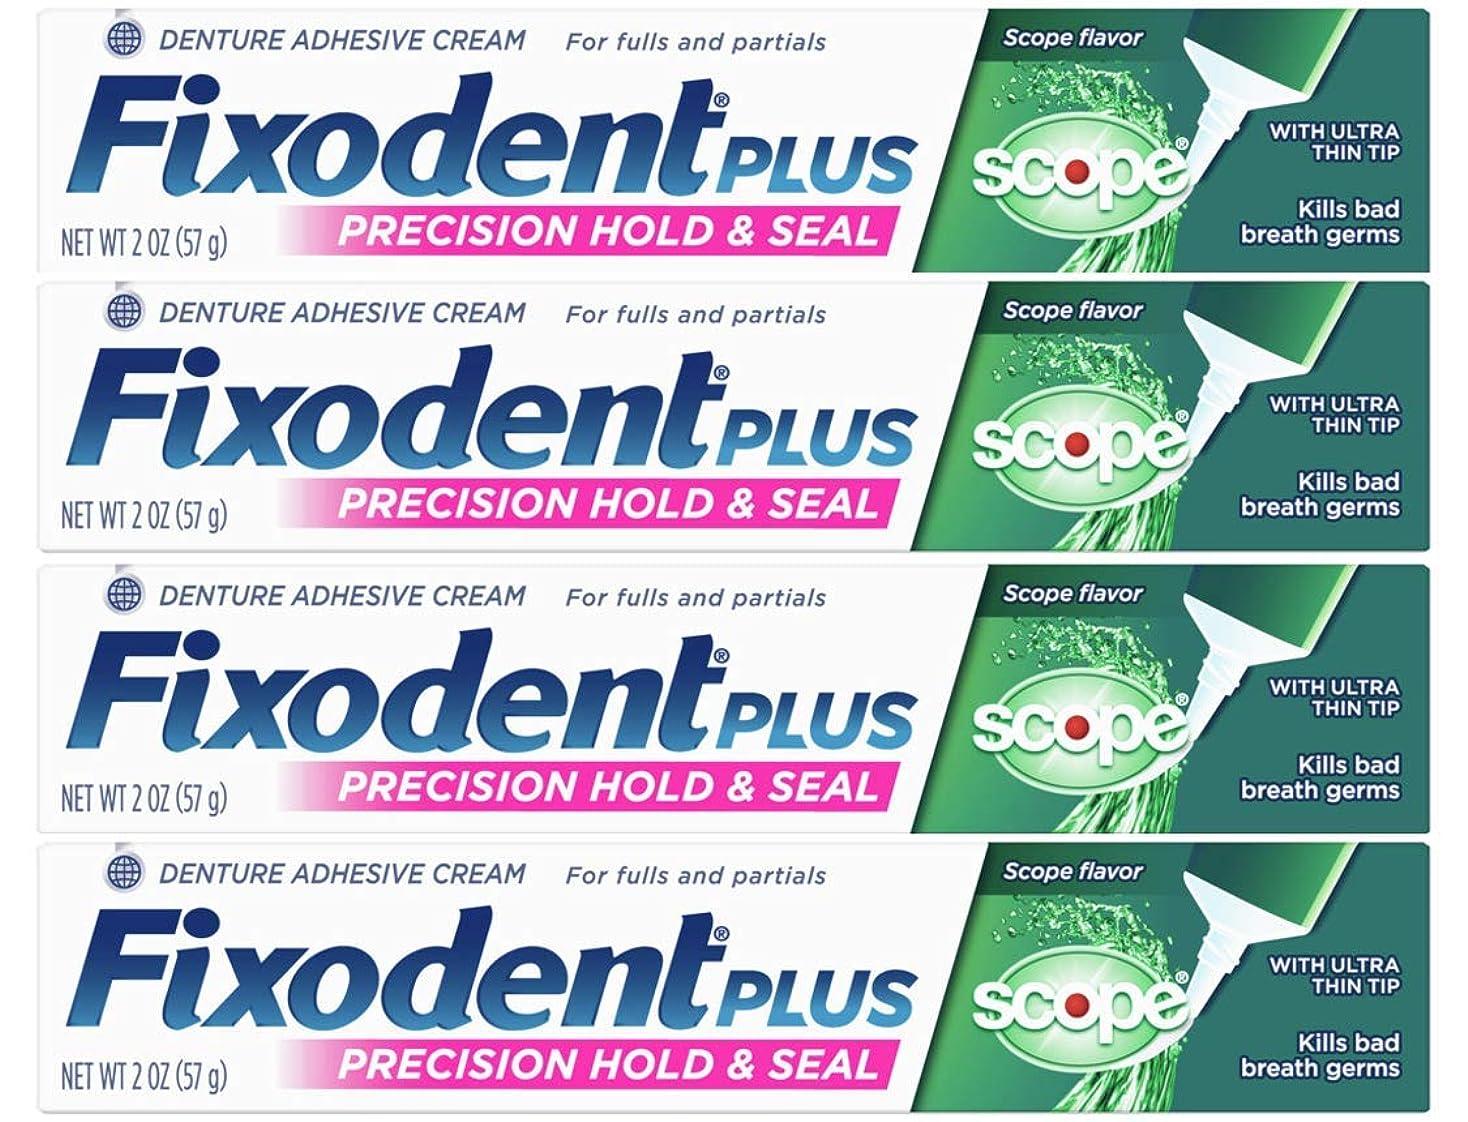 優勢タービンコーナーFixodent プラスのスコープ義歯接着剤クリーム2オンス(4パック)(パッケージングは??変更になる場合があります) 2オンス(4パック) スコープフレーバー